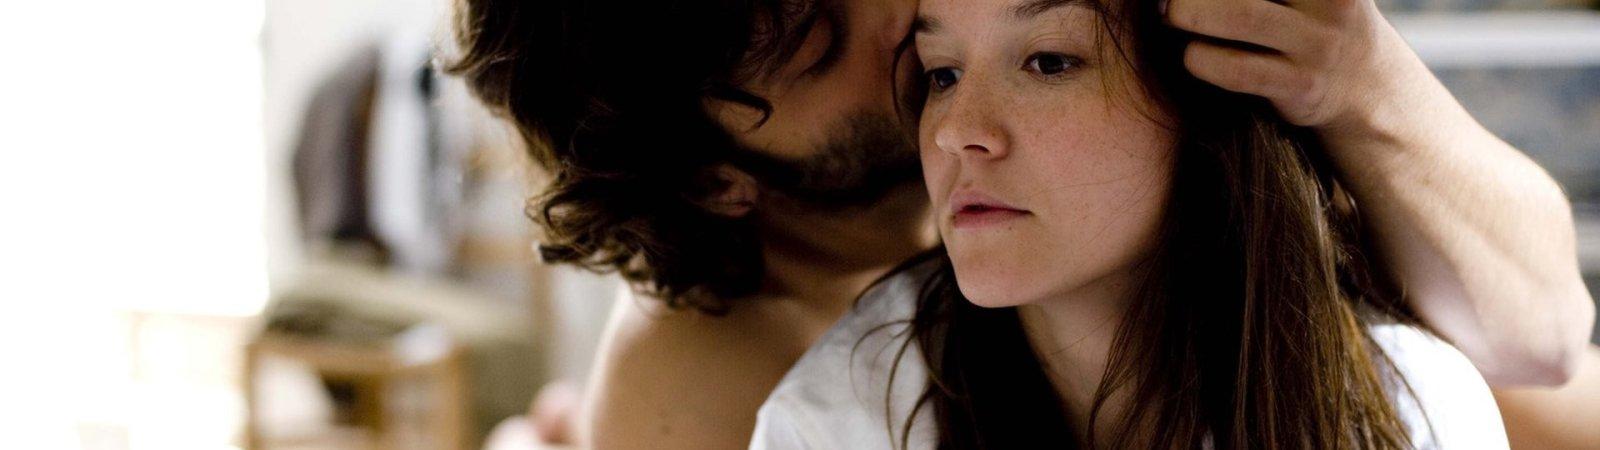 Photo du film : D'amour et d'eau fraiche